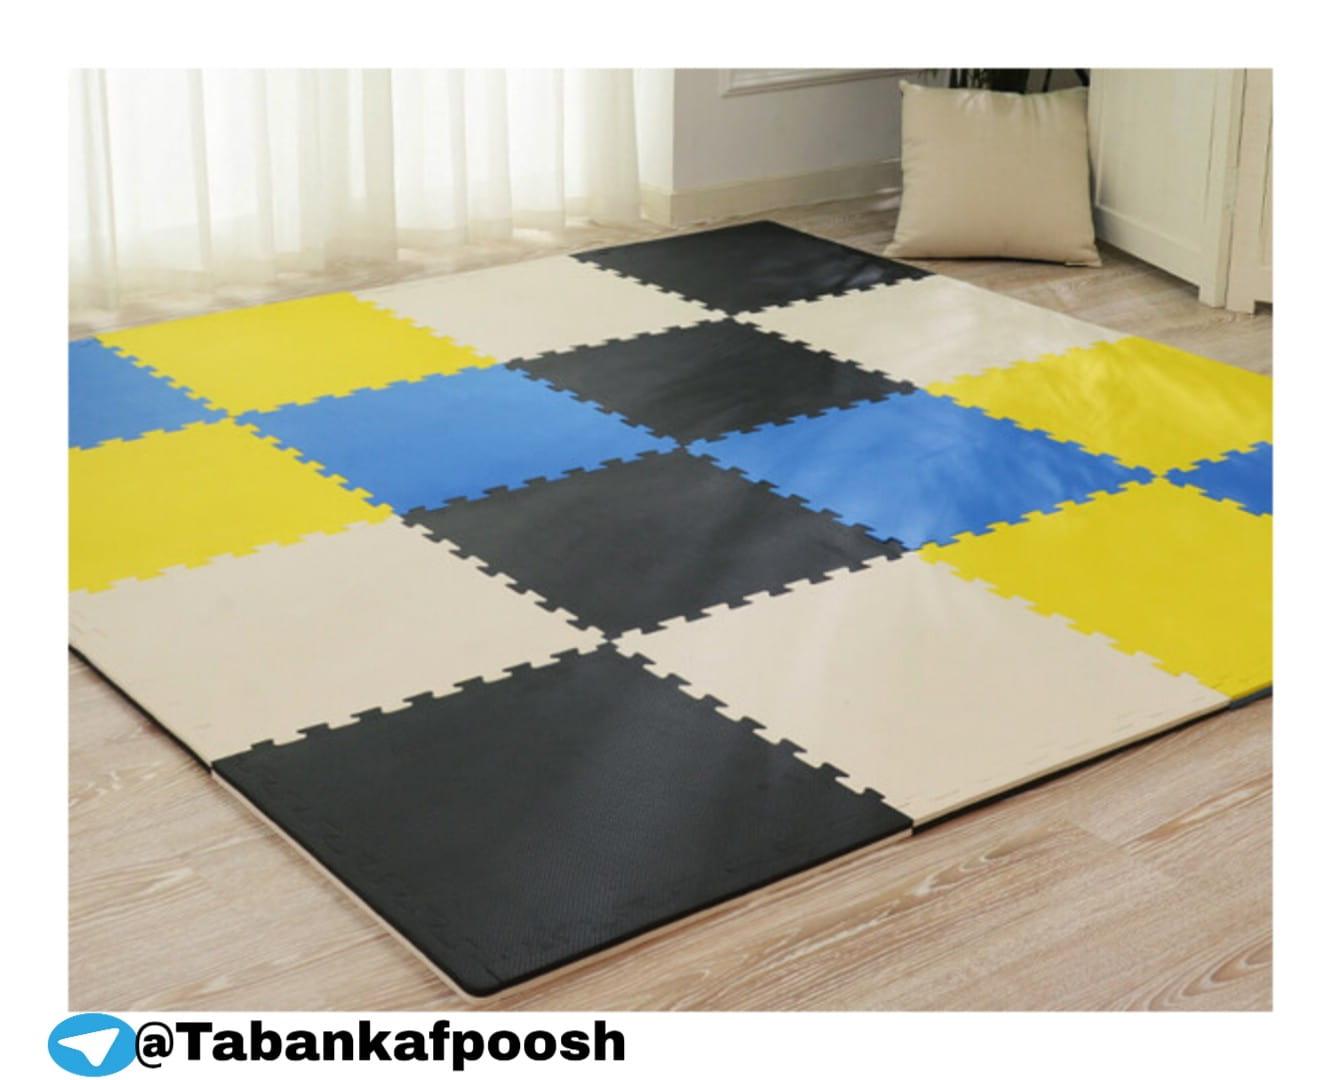 مرکز خرید تاتامی ارزان قیمت